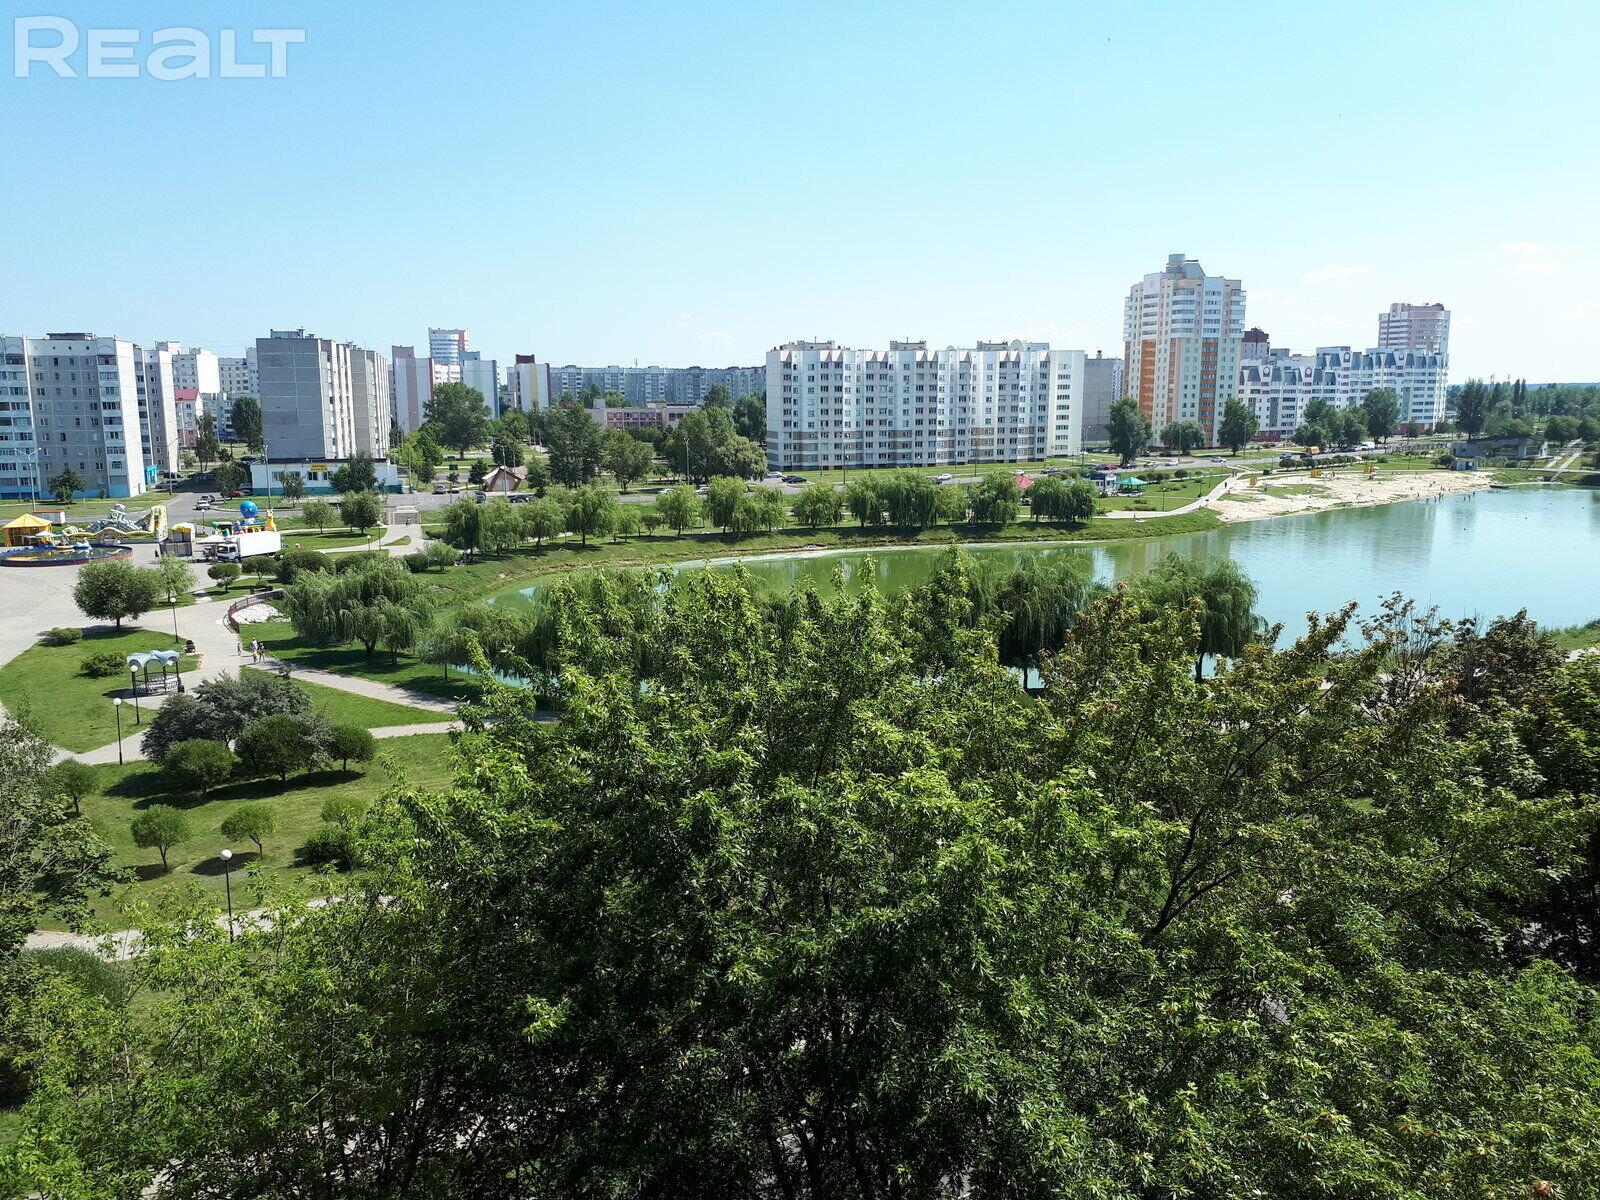 Продажа 2-х комнатной квартиры, г. Гомель, ул. Бровки, дом 41 (р-н Волотова). Цена 100 544 руб c торгом